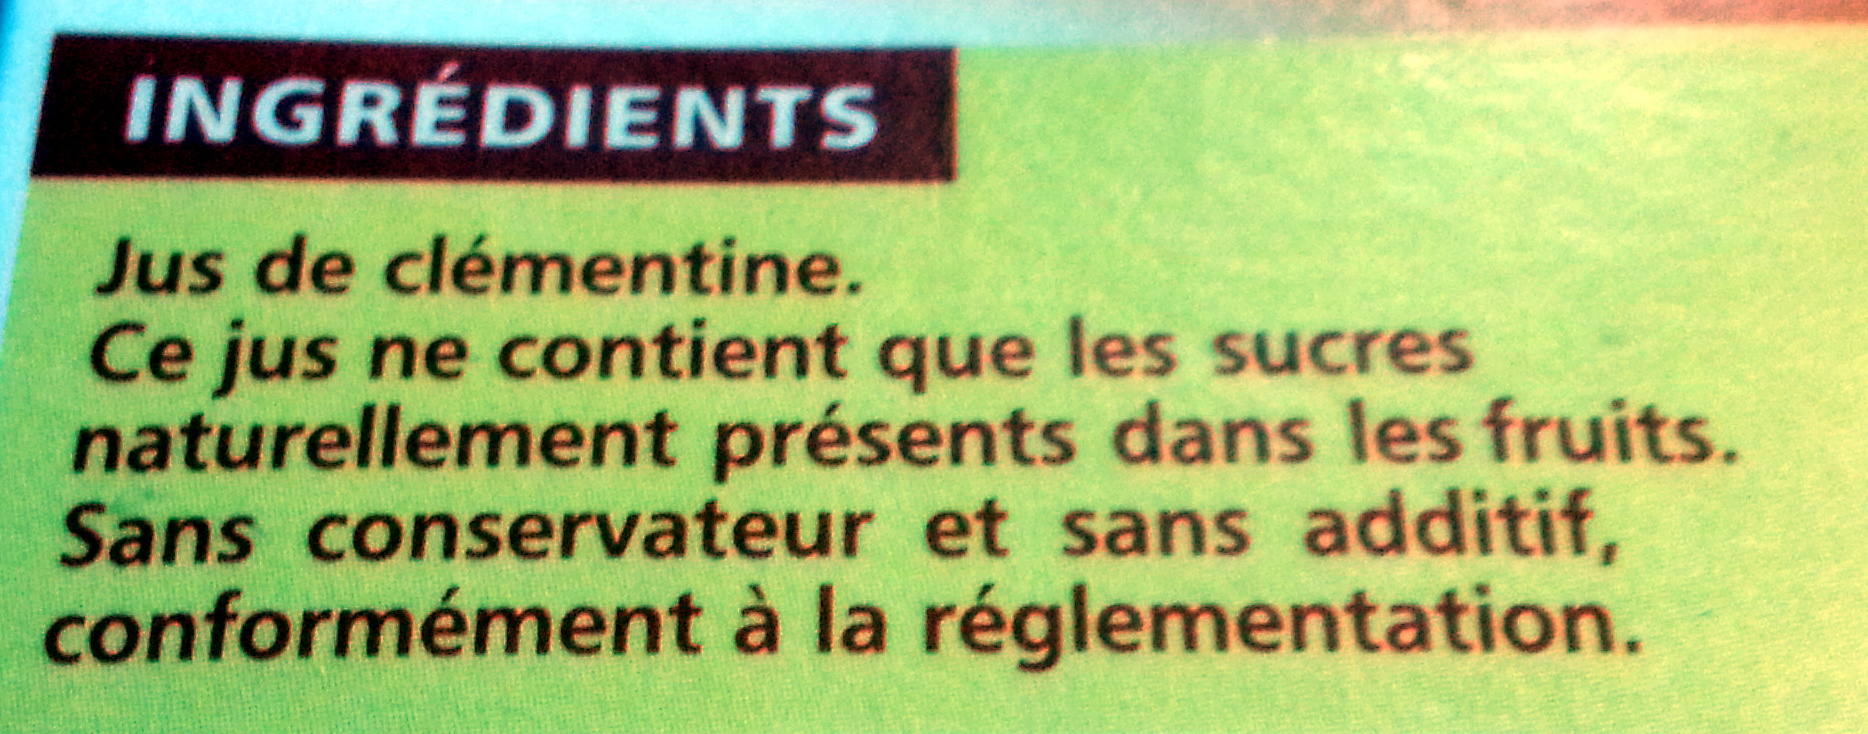 100% Pur Jus Clémentine Flash pasteurisé - Naturellement riche en vitamine C - Ingrediënten